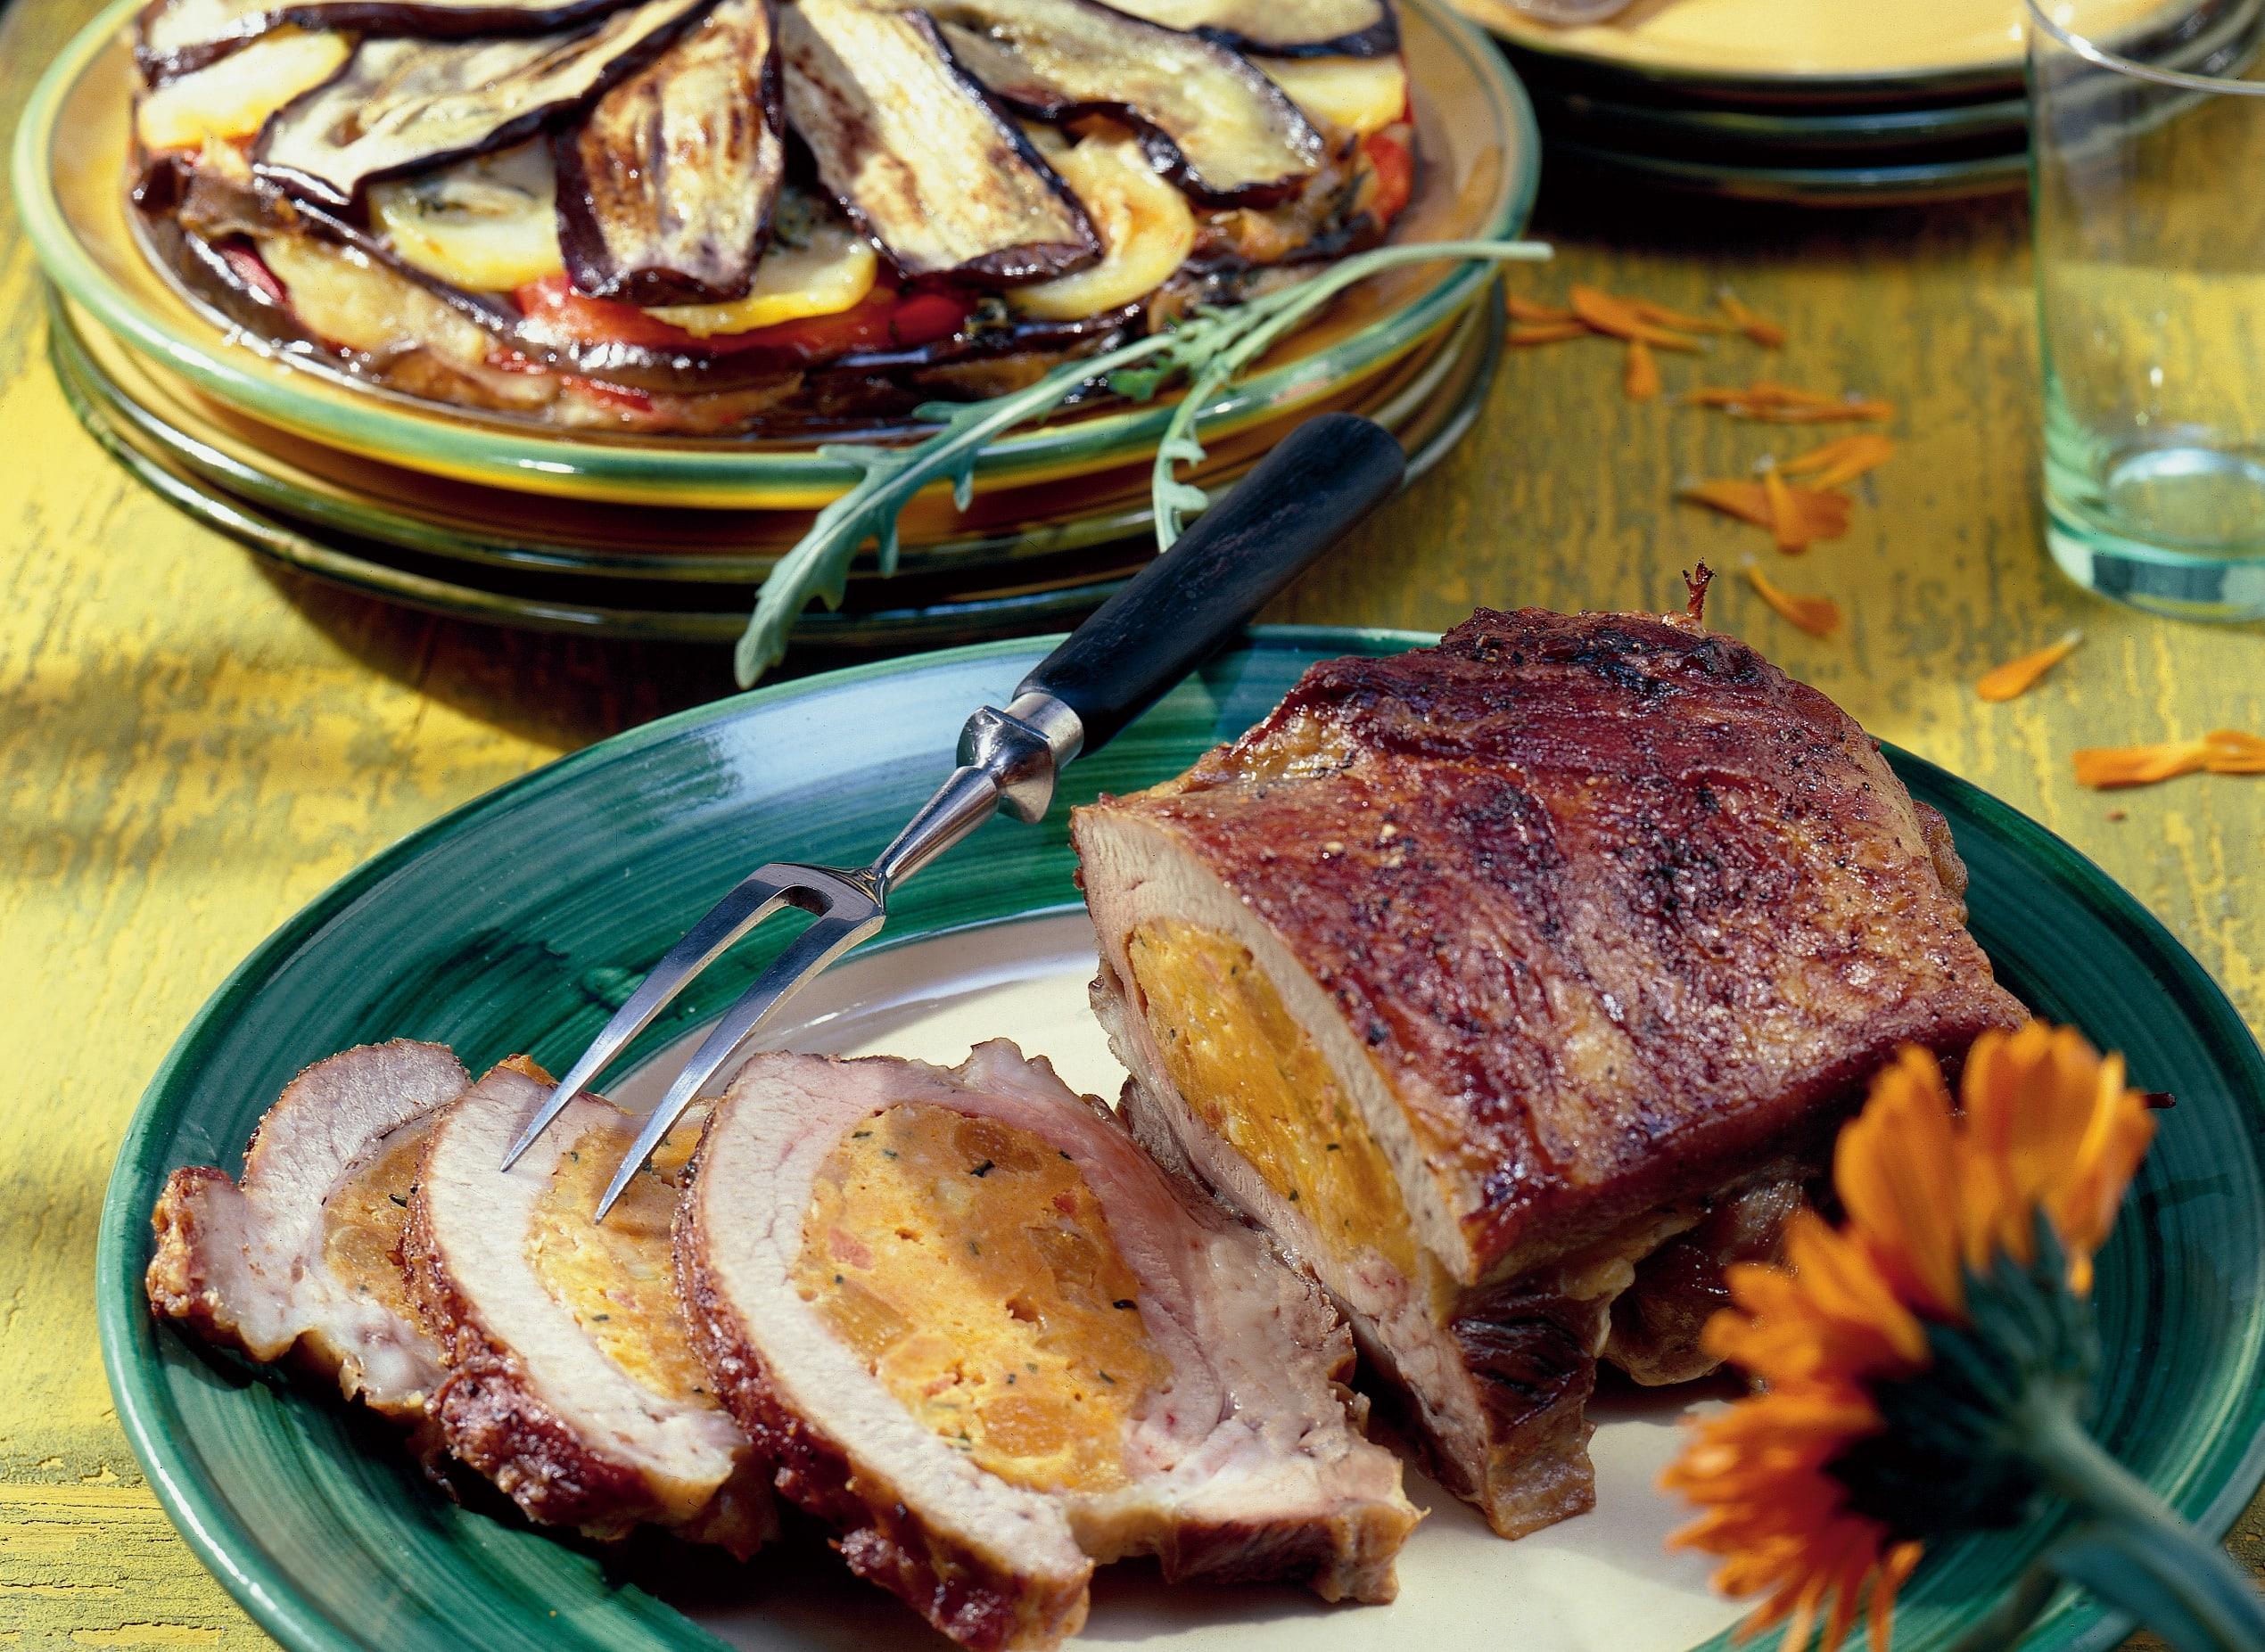 Poitrine de veau farcie aux abricots et à la mozzarella